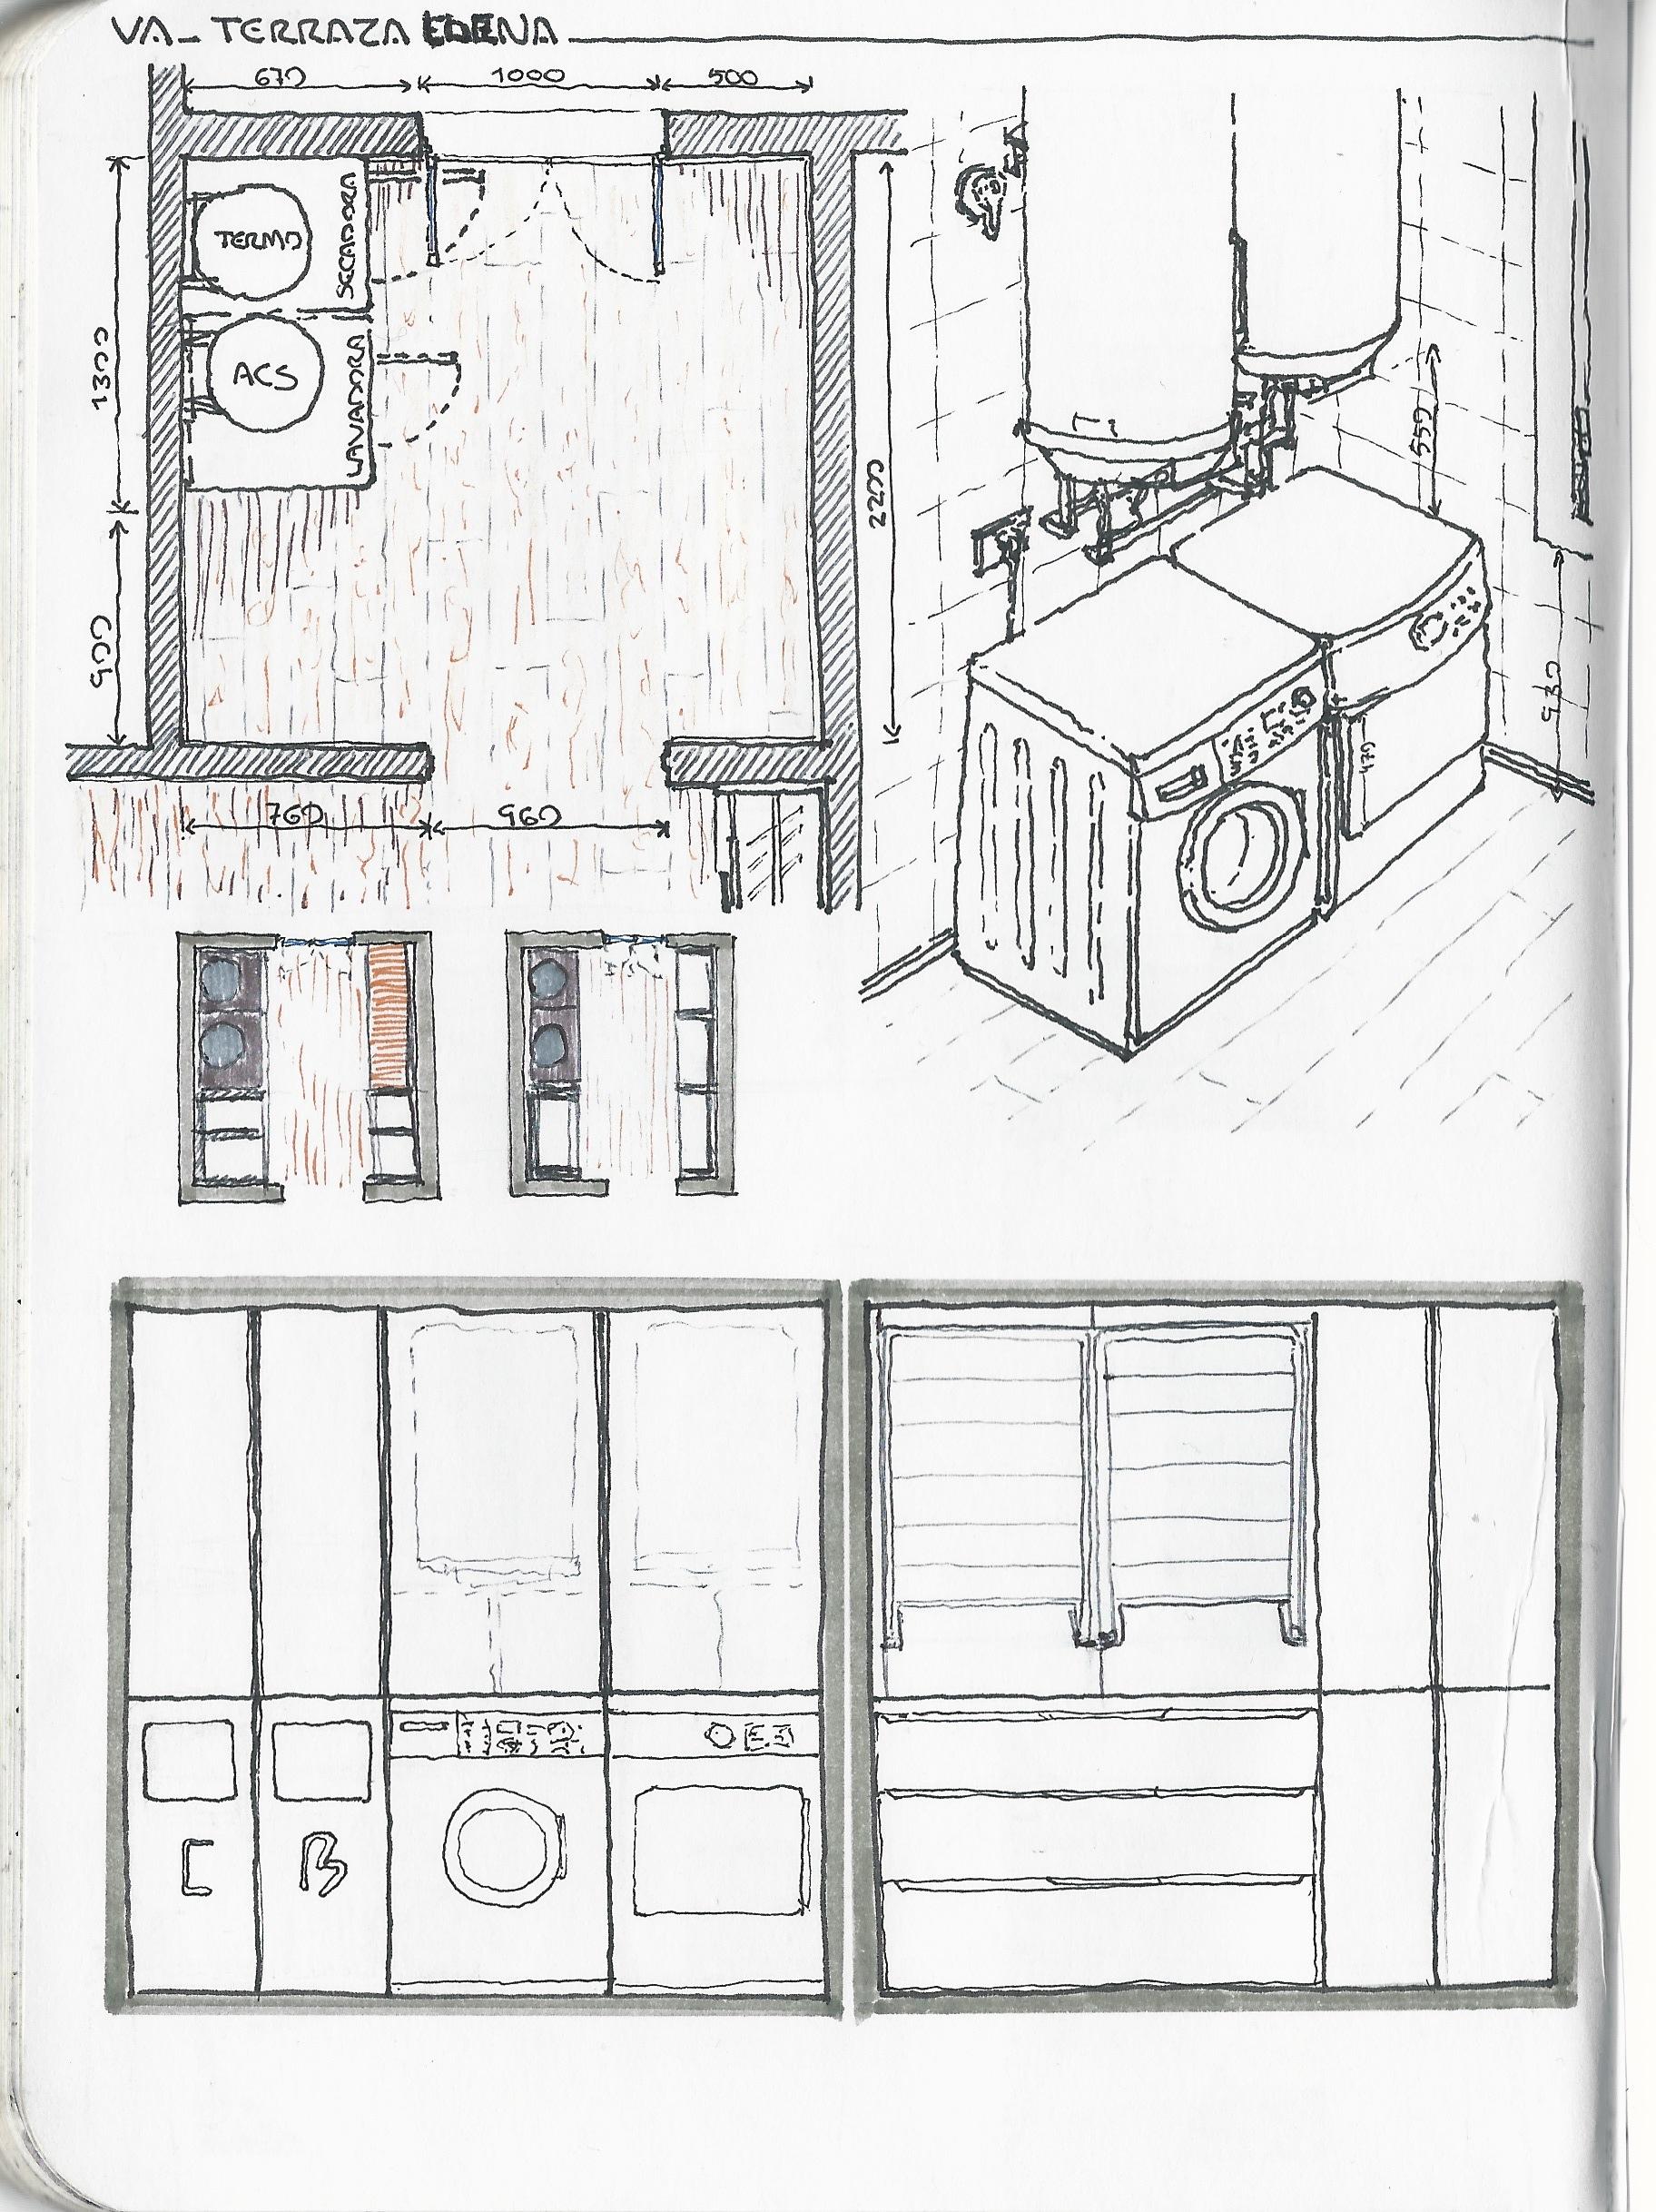 _Elena's laundry